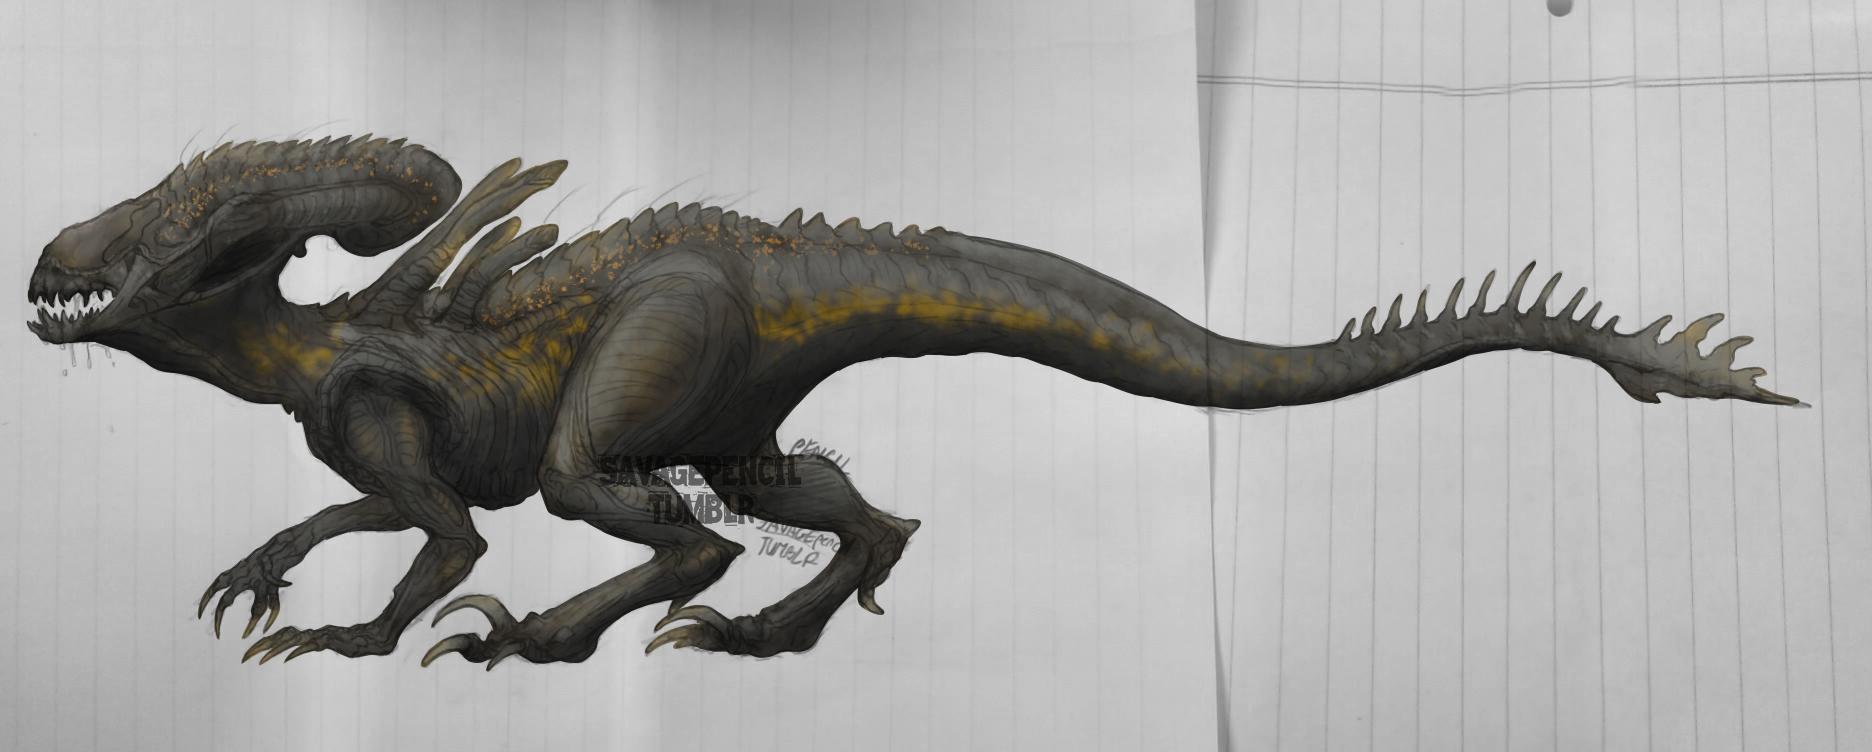 IndoraMorpho Illust of Vesulolgamer210 medibangpaint oc drawing fiction alien dinosaur